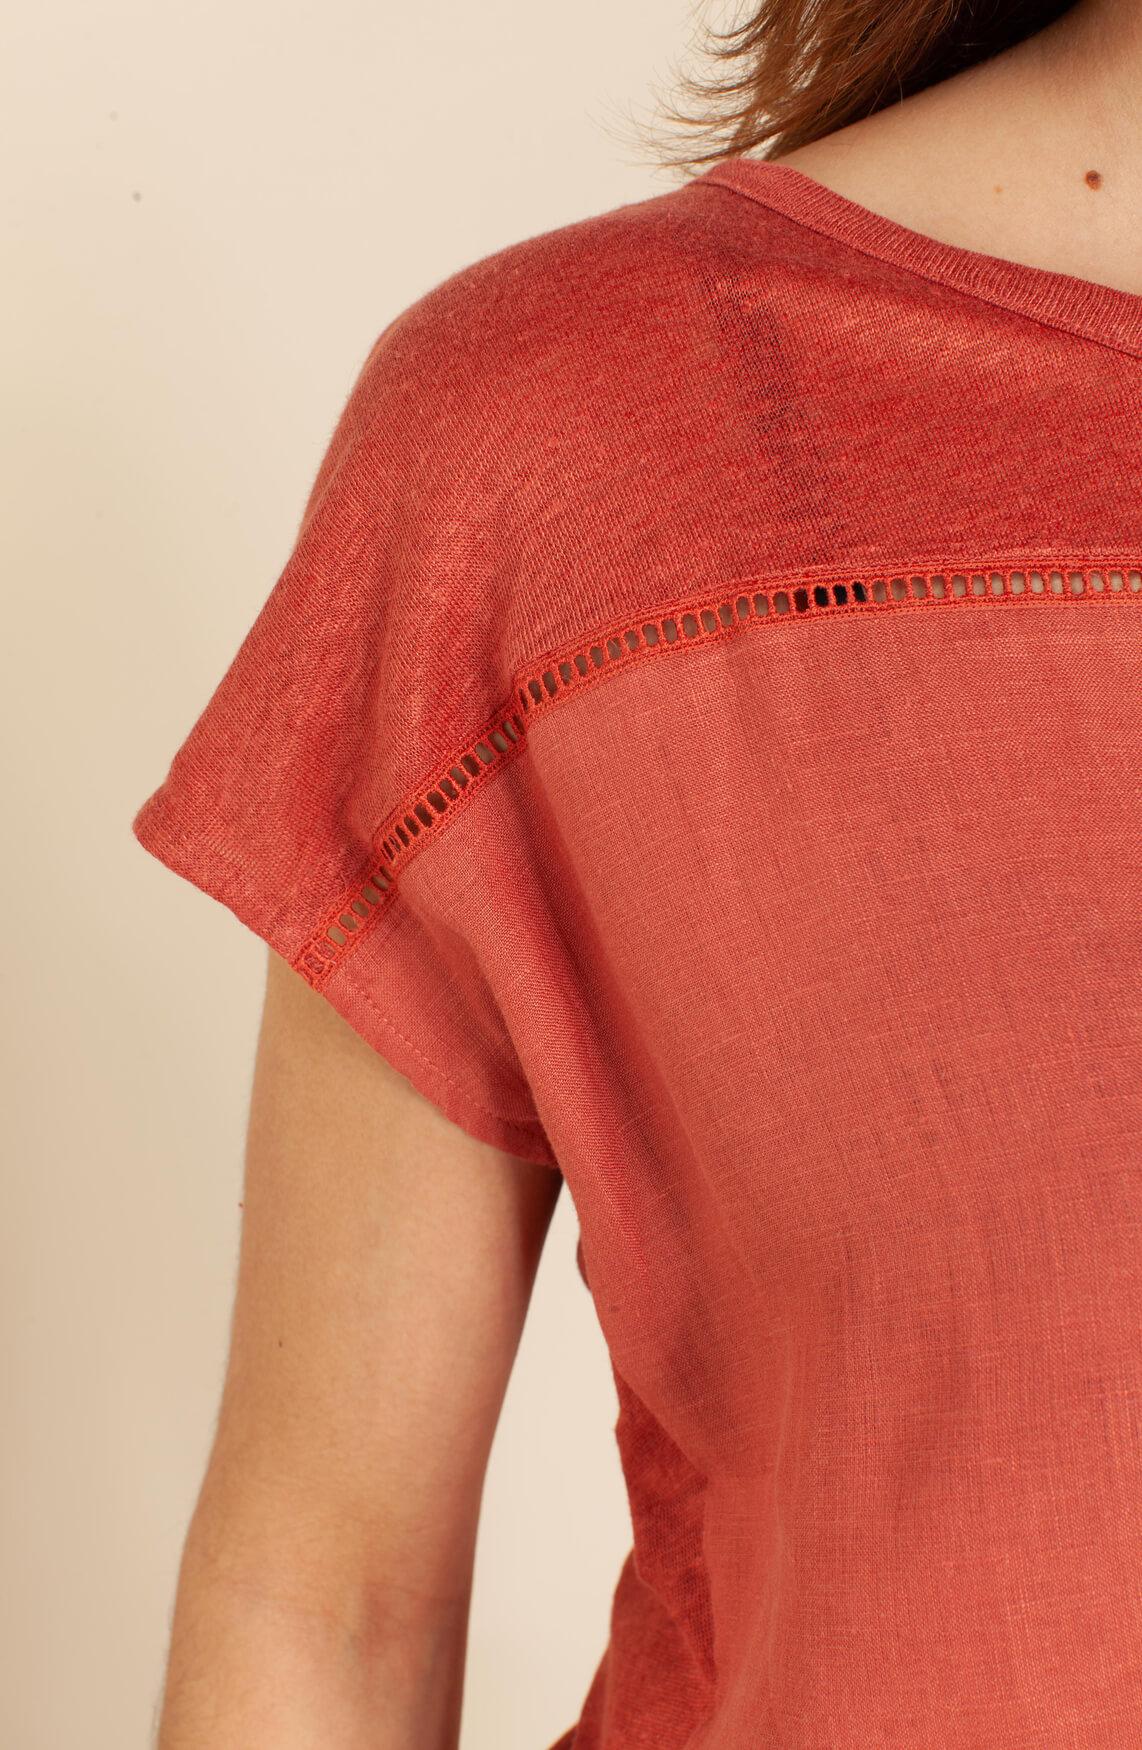 La Fée Maraboutée Dames Linnen shirt Bruin